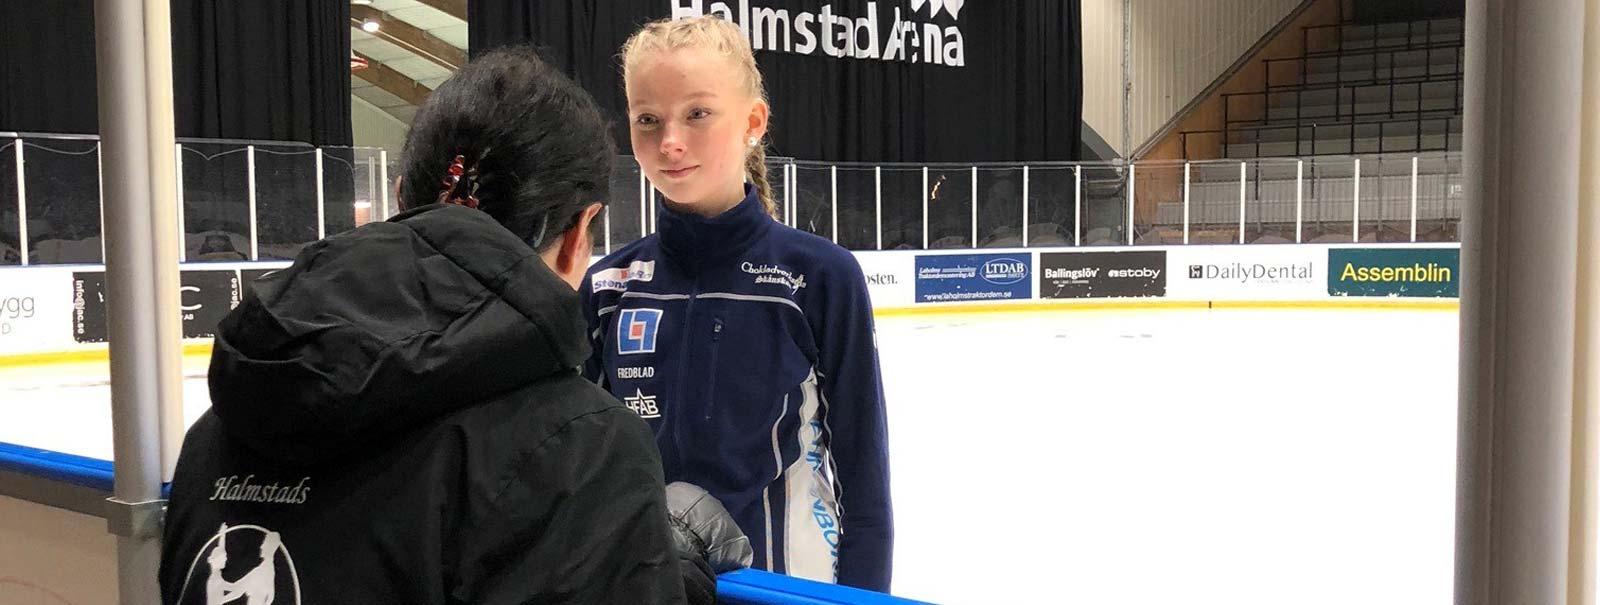 Tränare åkare Halmstads Konståkningsklubb